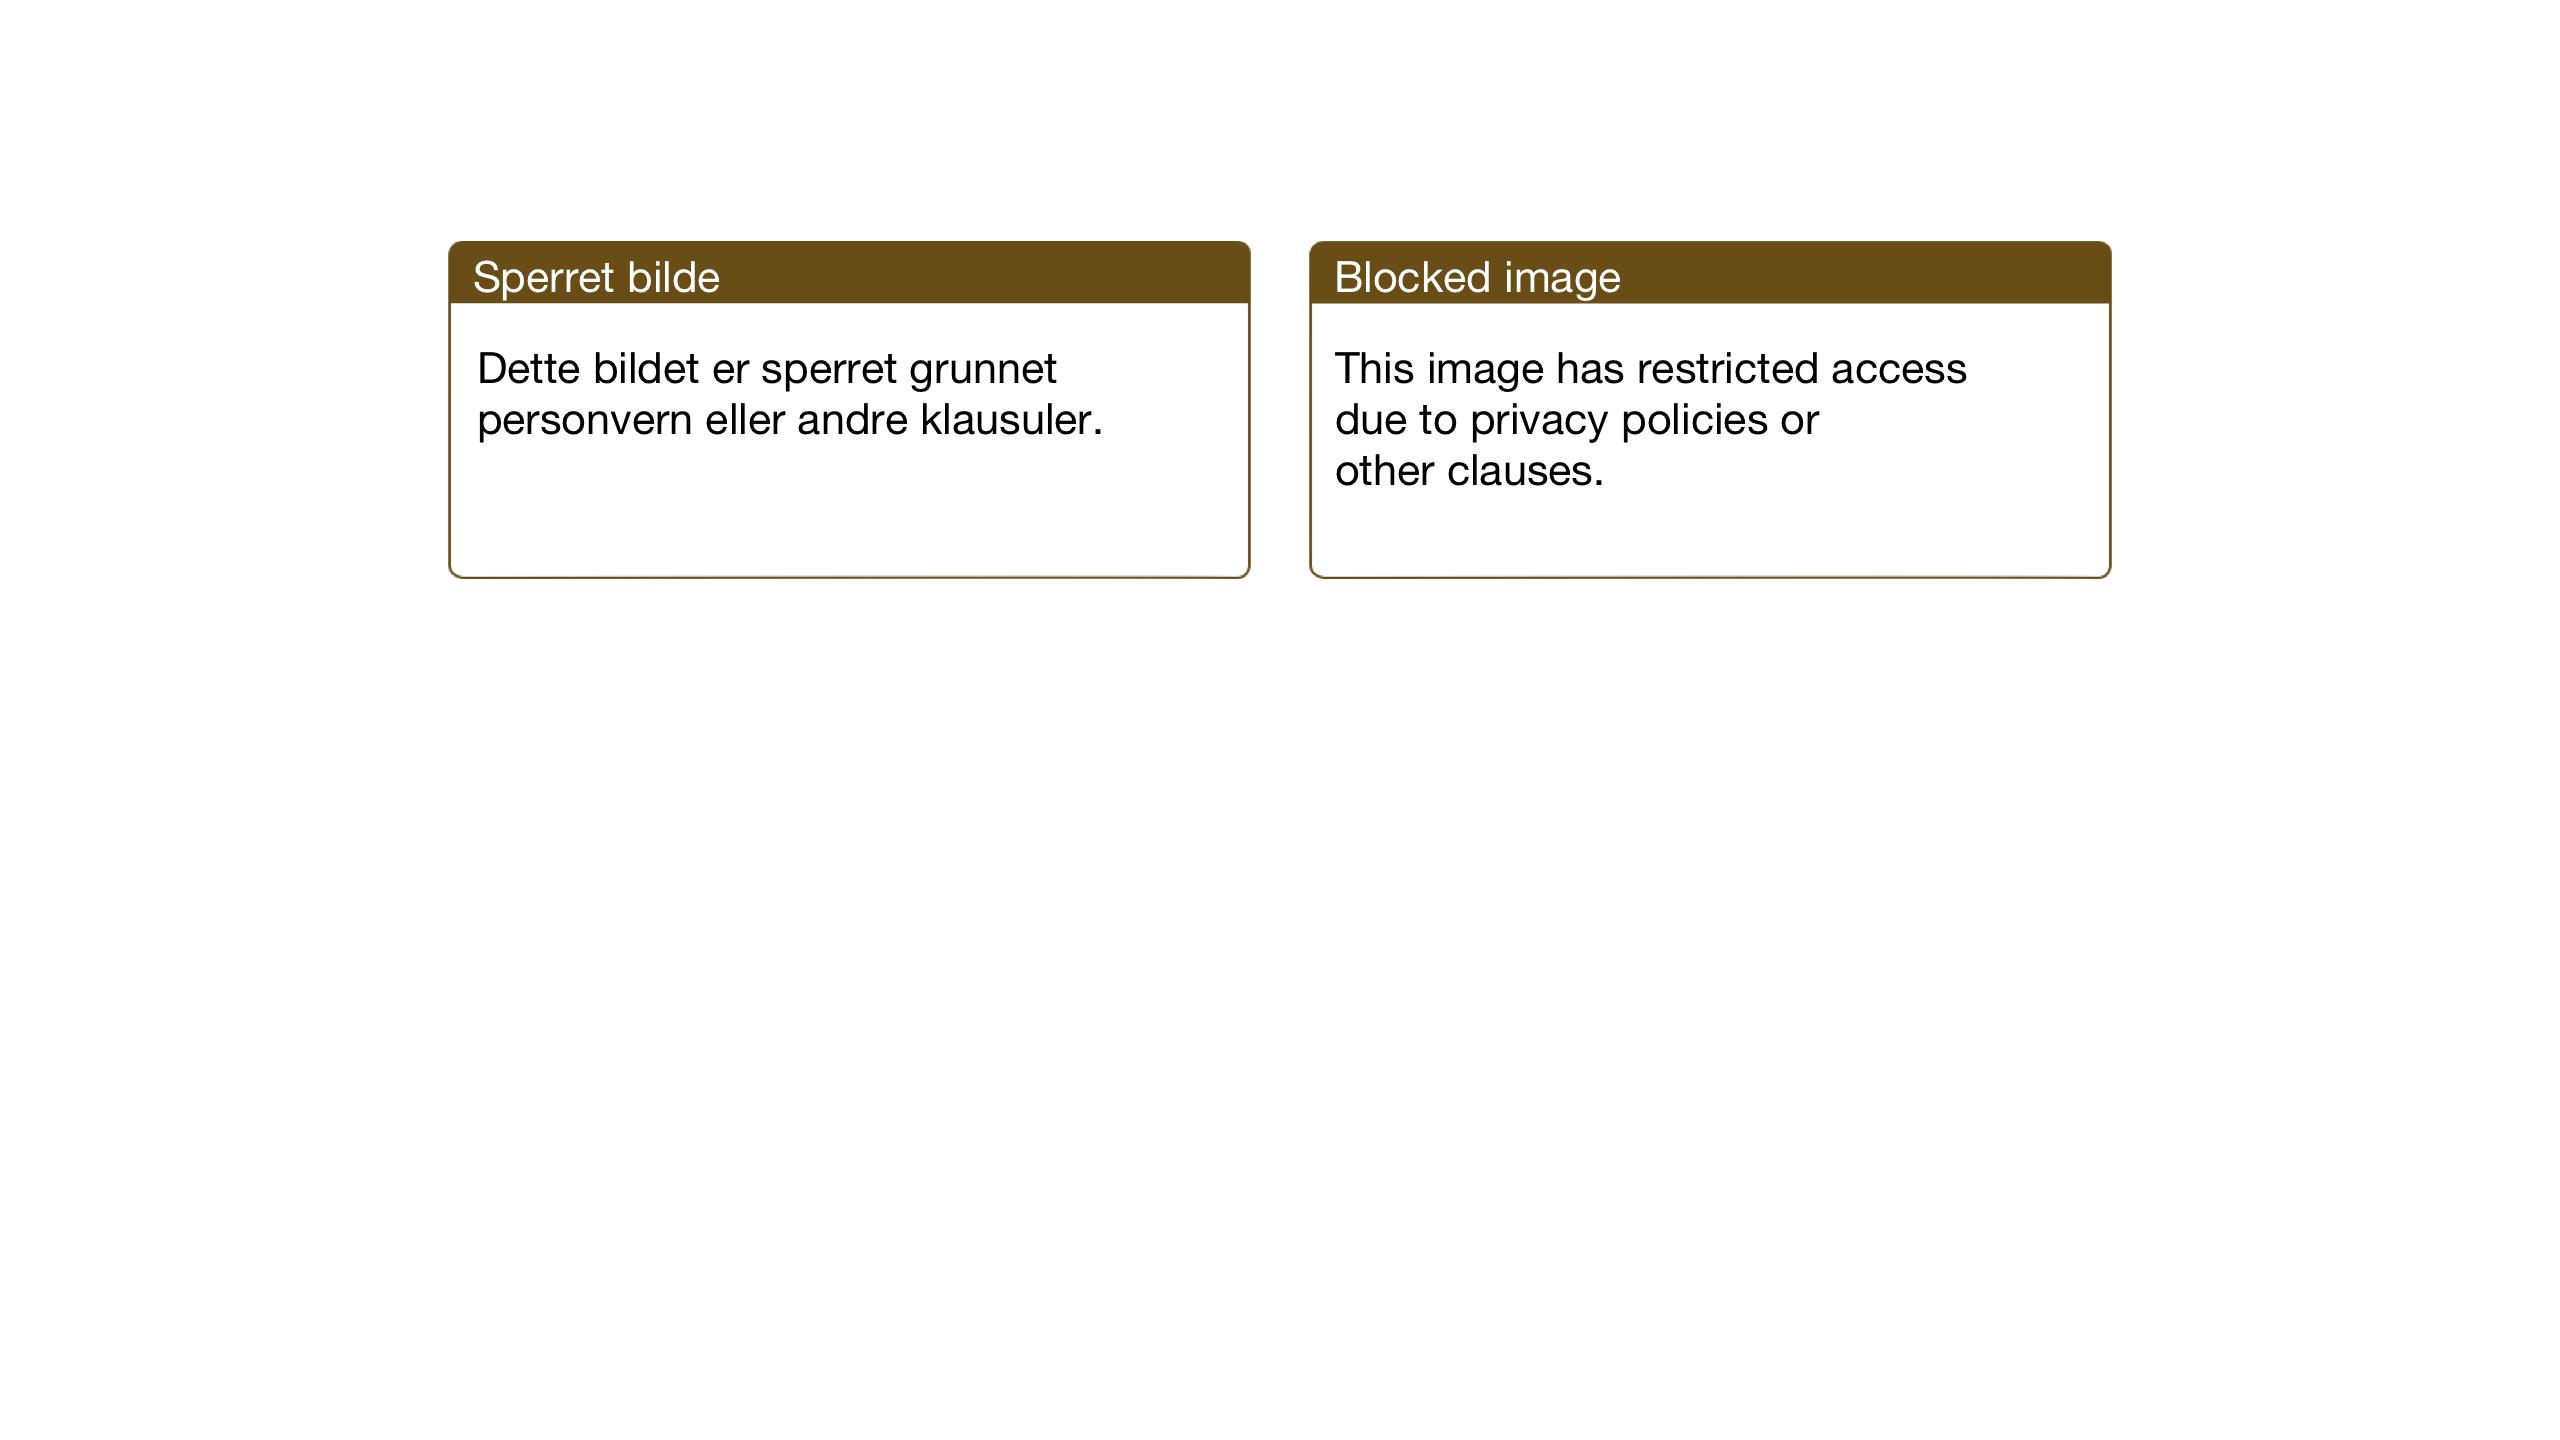 SAT, Ministerialprotokoller, klokkerbøker og fødselsregistre - Nord-Trøndelag, 774/L0631: Klokkerbok nr. 774C02, 1934-1950, s. 8